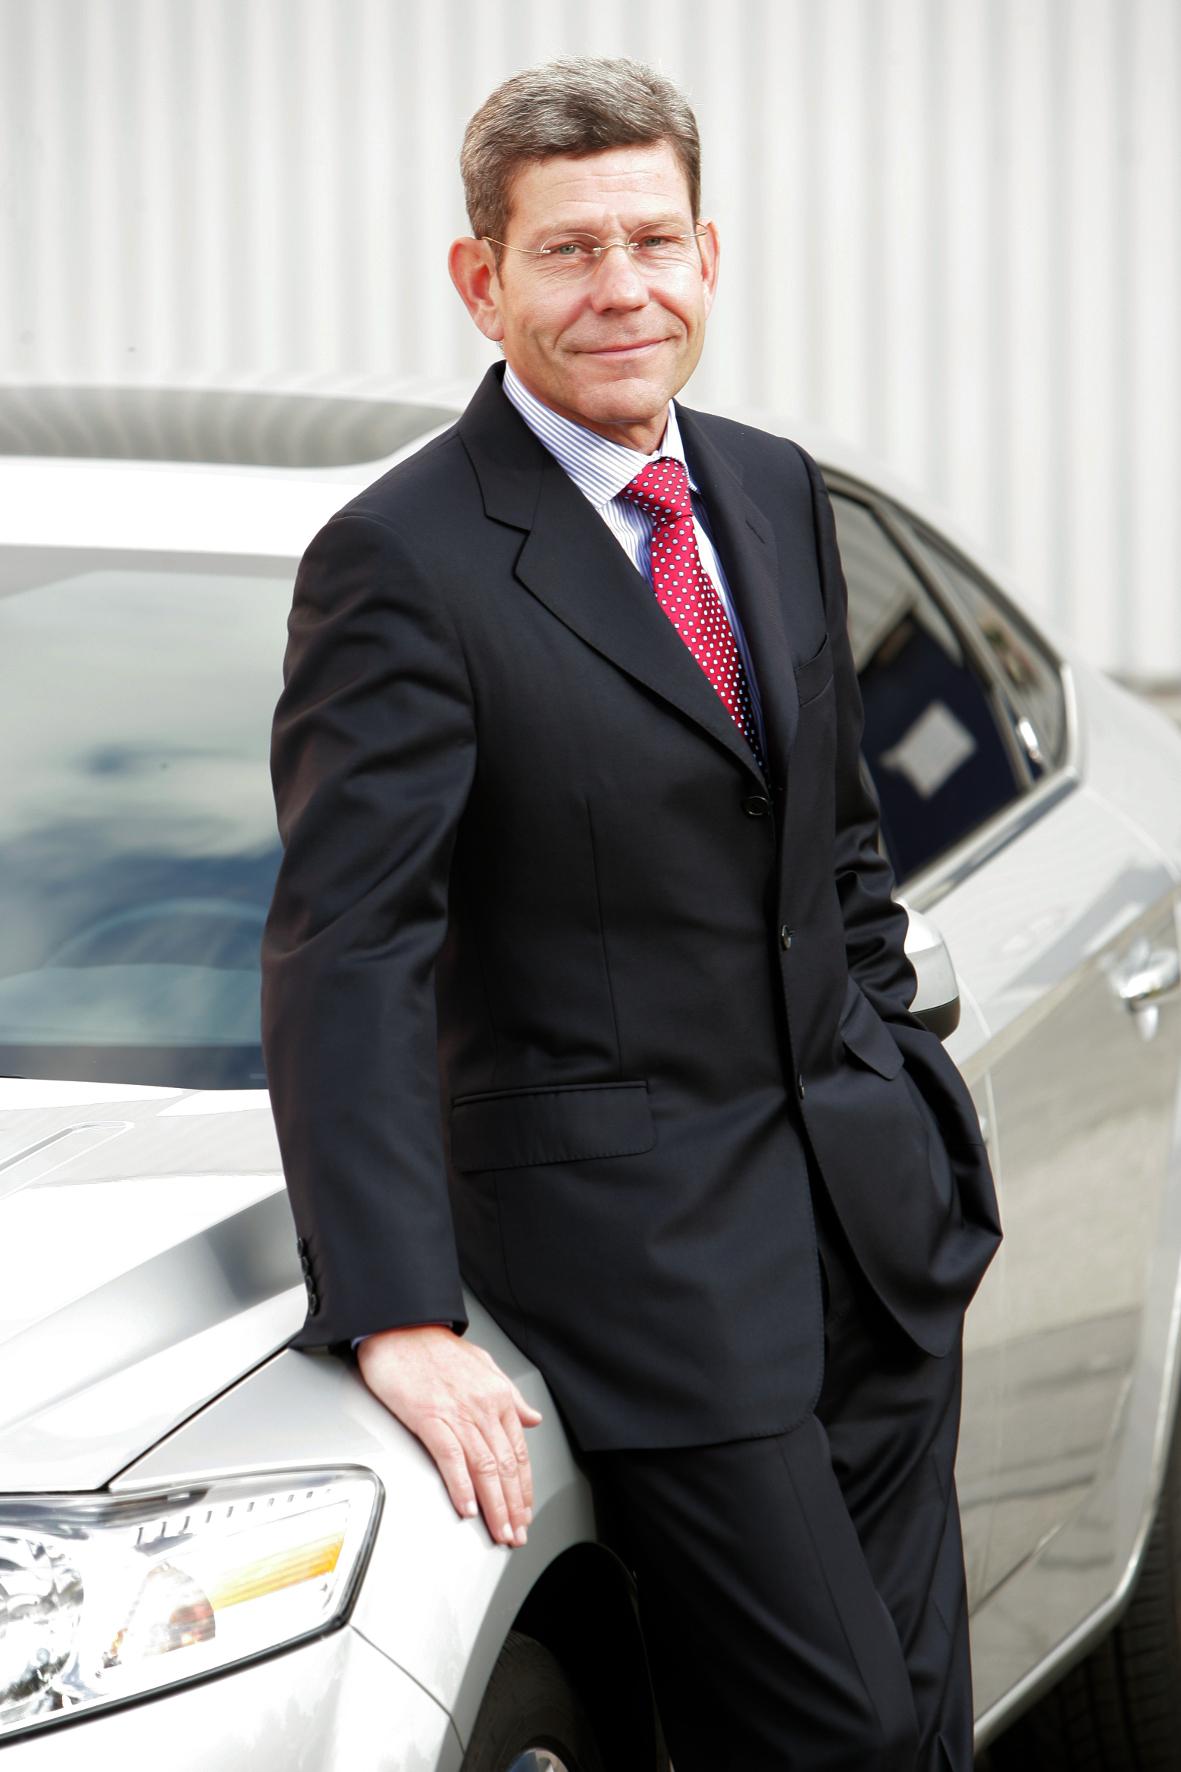 Bernhard Mattes, Vorsitzender der Geschäftsführung von Ford Deutschland, möchte die Marke